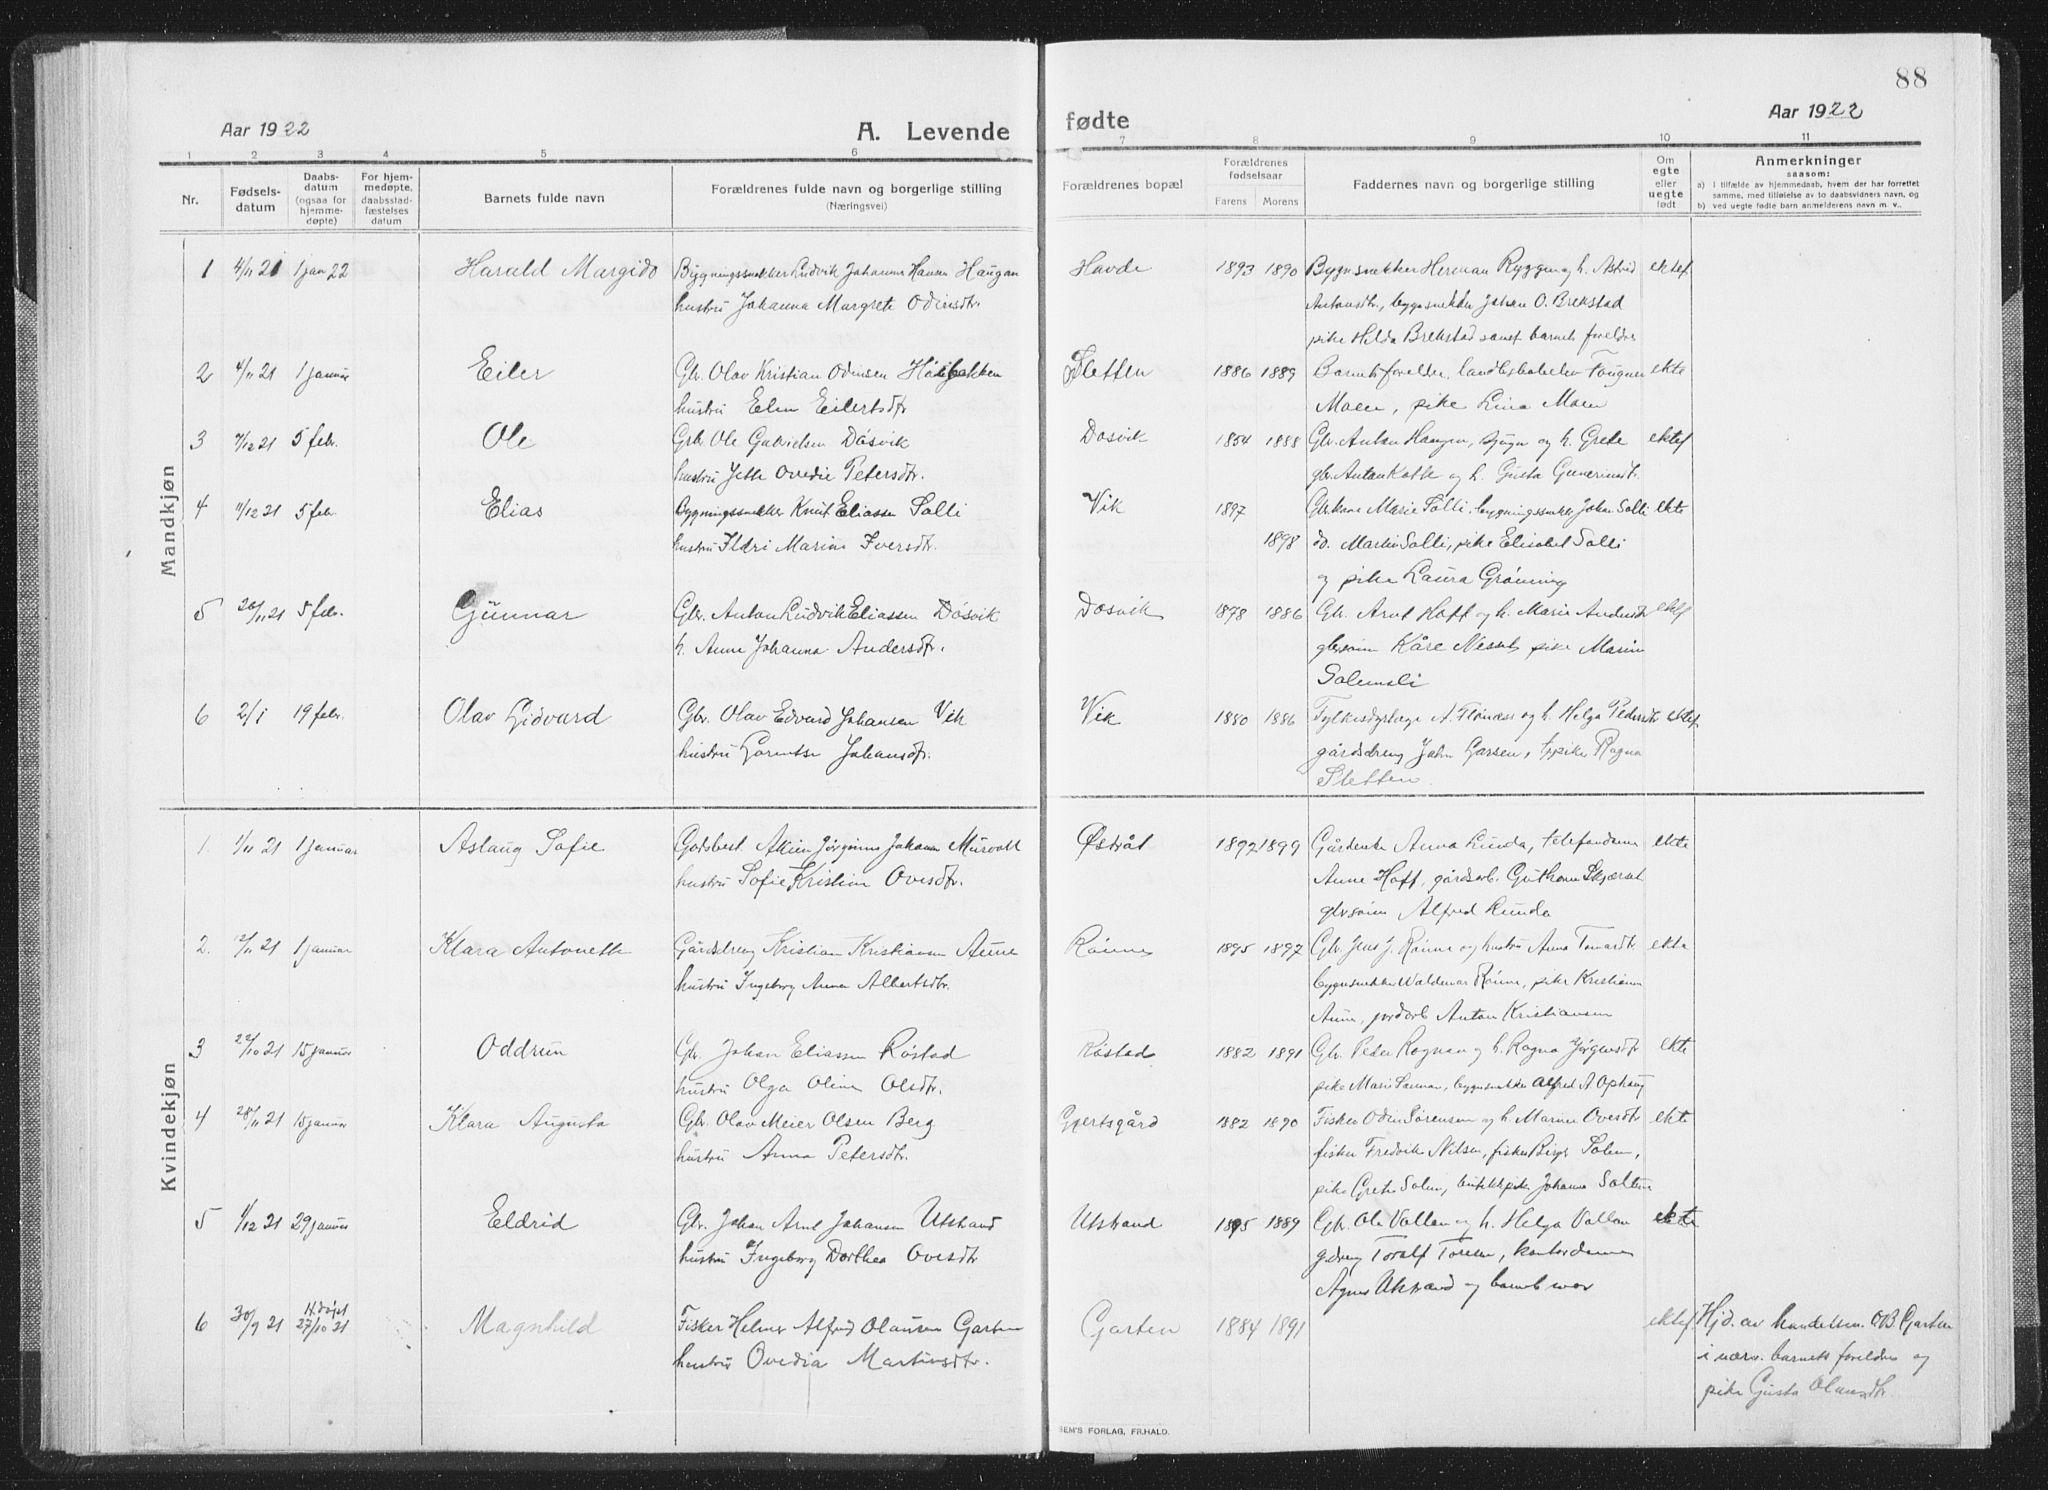 SAT, Ministerialprotokoller, klokkerbøker og fødselsregistre - Sør-Trøndelag, 659/L0747: Klokkerbok nr. 659C04, 1913-1938, s. 88